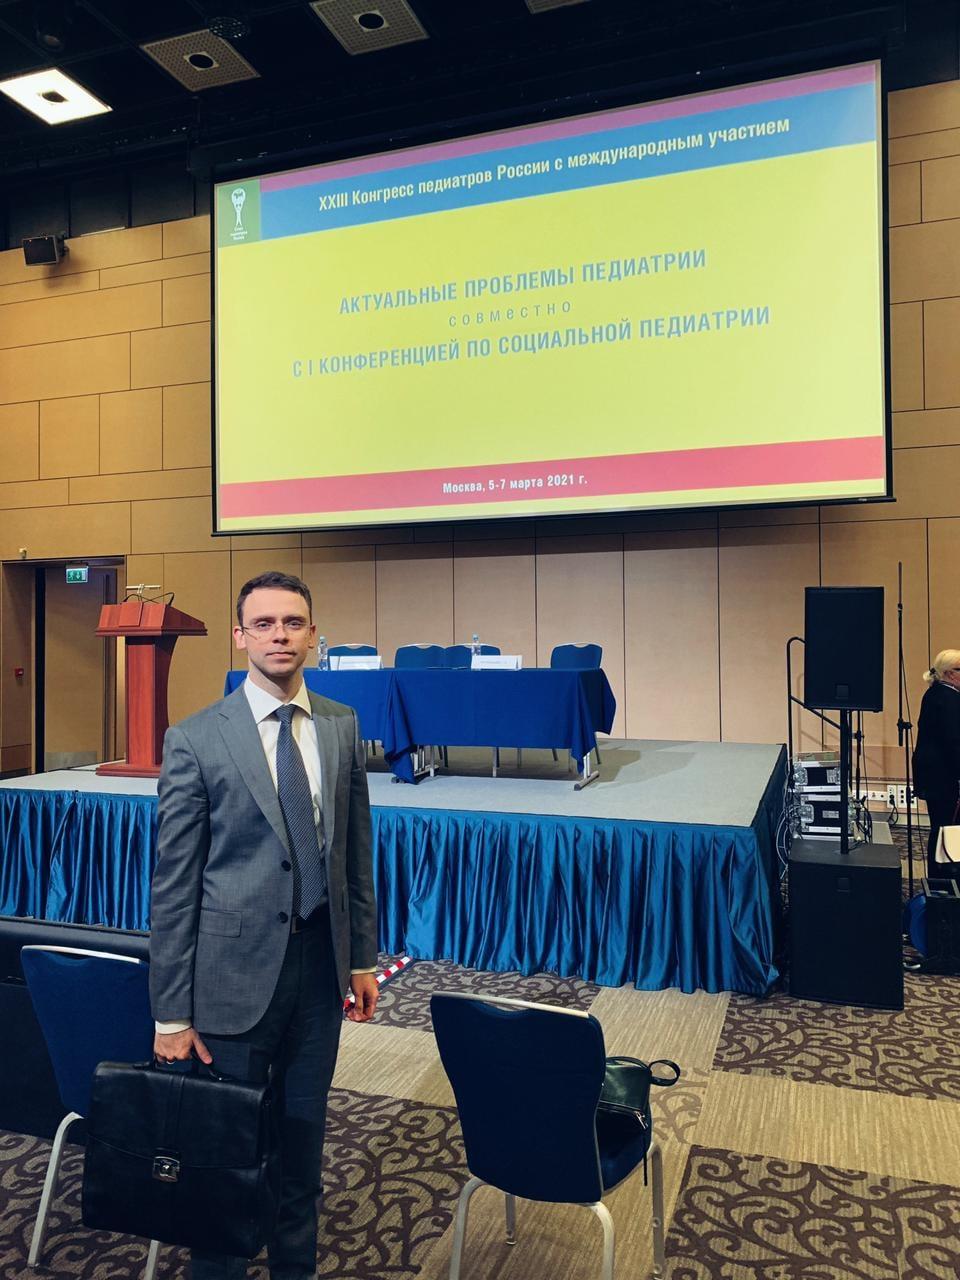 Анатолий Железняк выступил на XXIII конгрессе педиатров России